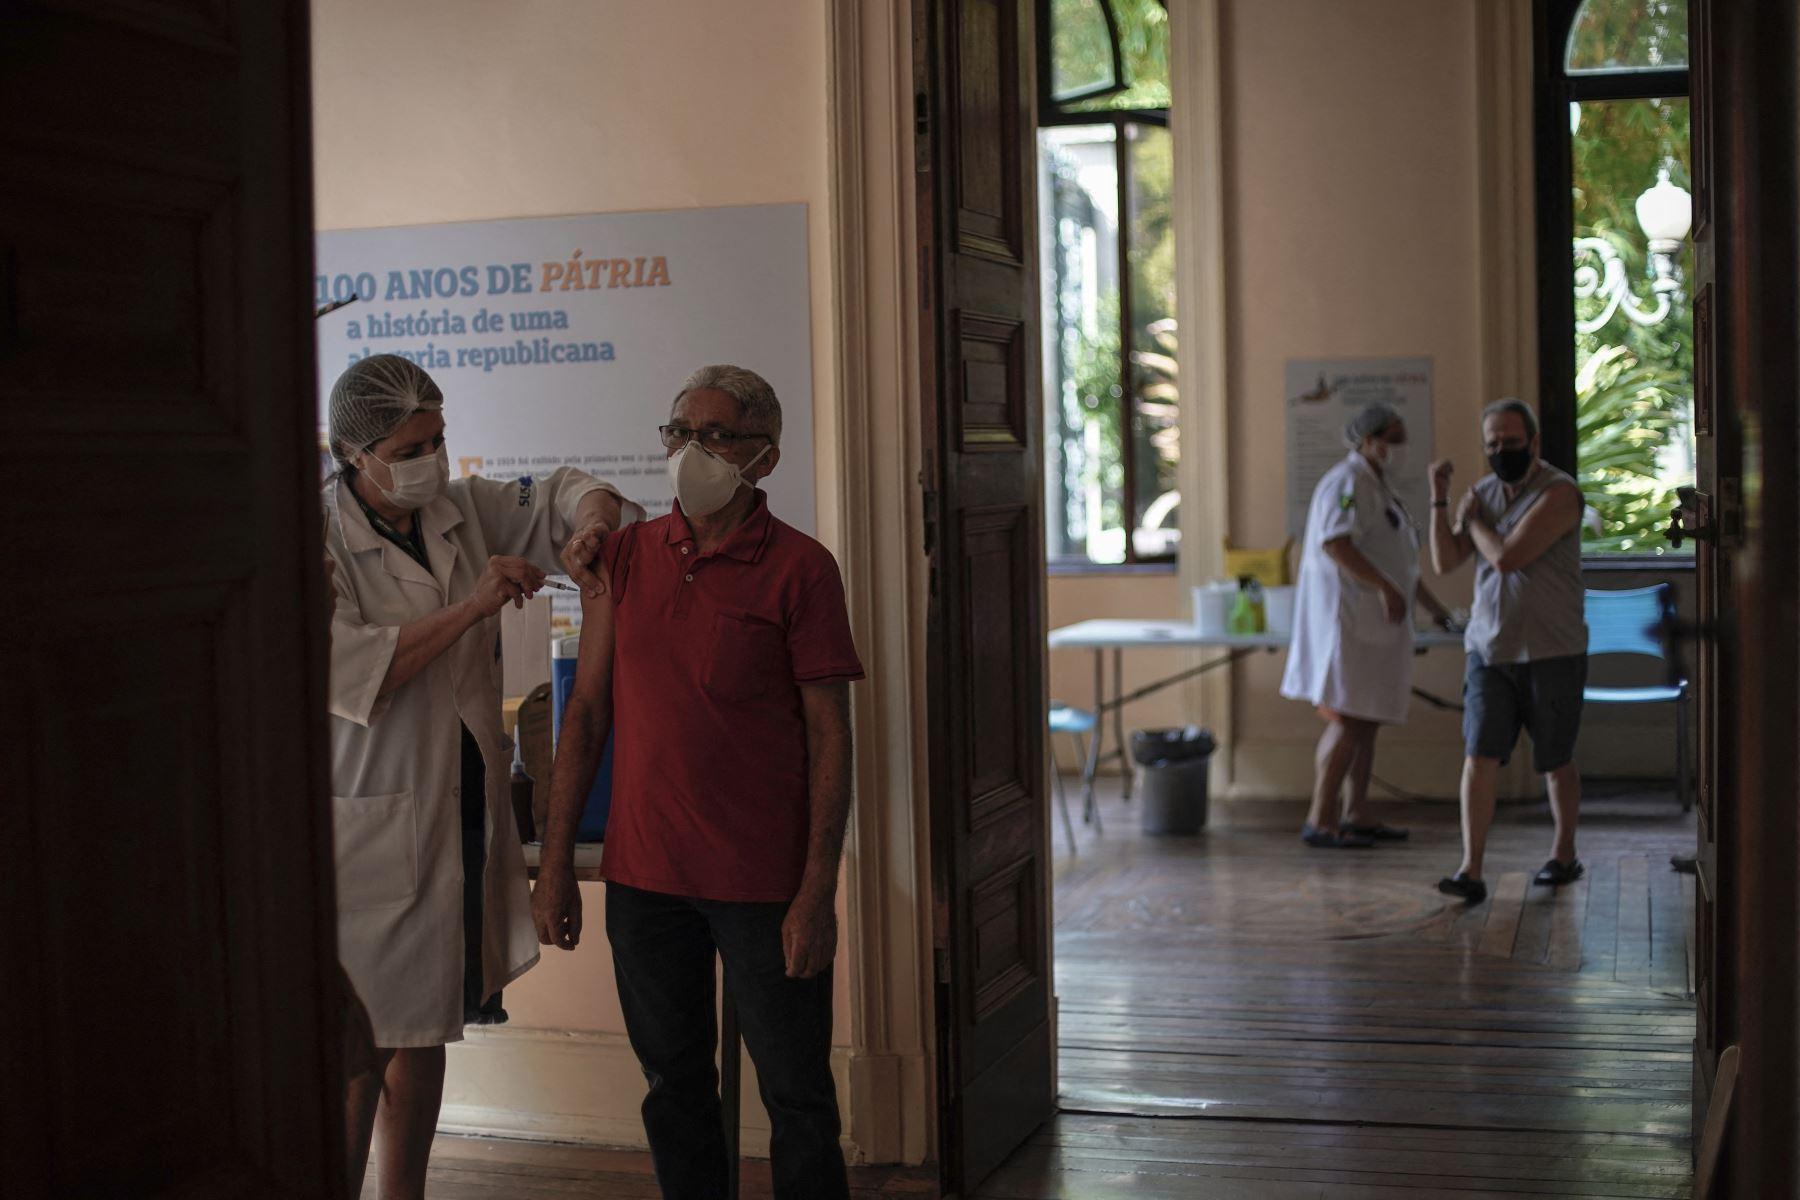 Dos hombres son inoculados contra el nuevo coronavirus con la vacuna Sinovac CoronaVac de China producida por Butantan, el mayor productor de vacunas de Brasil, en un centro de vacunación instalado en el Palacio de Catete, en Río de Janeiro, el 31 de marzo de 2021. Foto: AFP